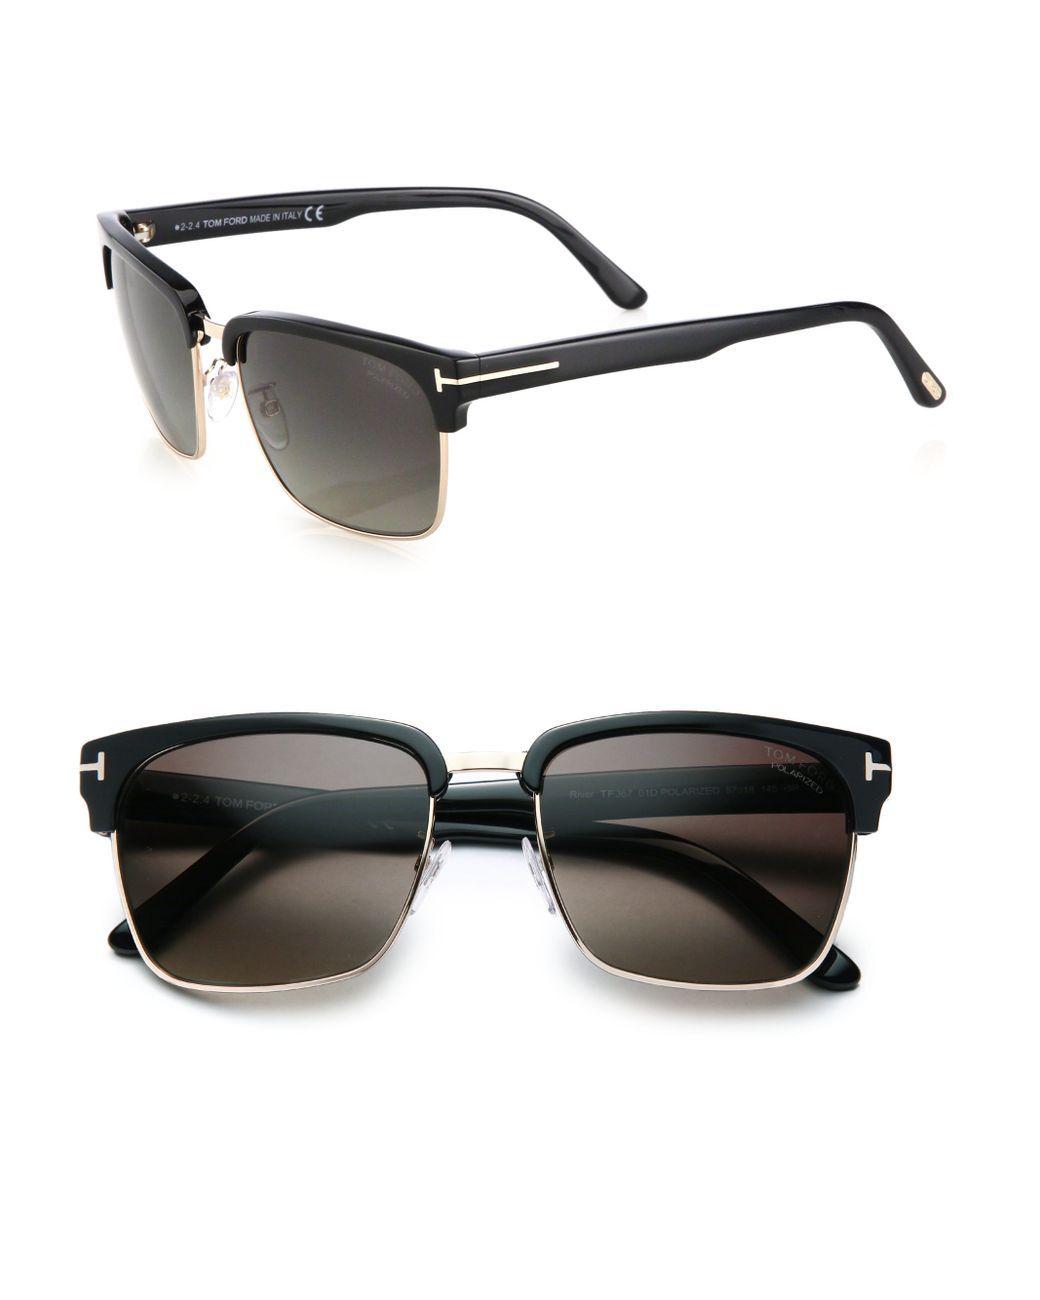 6bf8cf49492a9 Men s River 57mm Square Sunglasses - Black